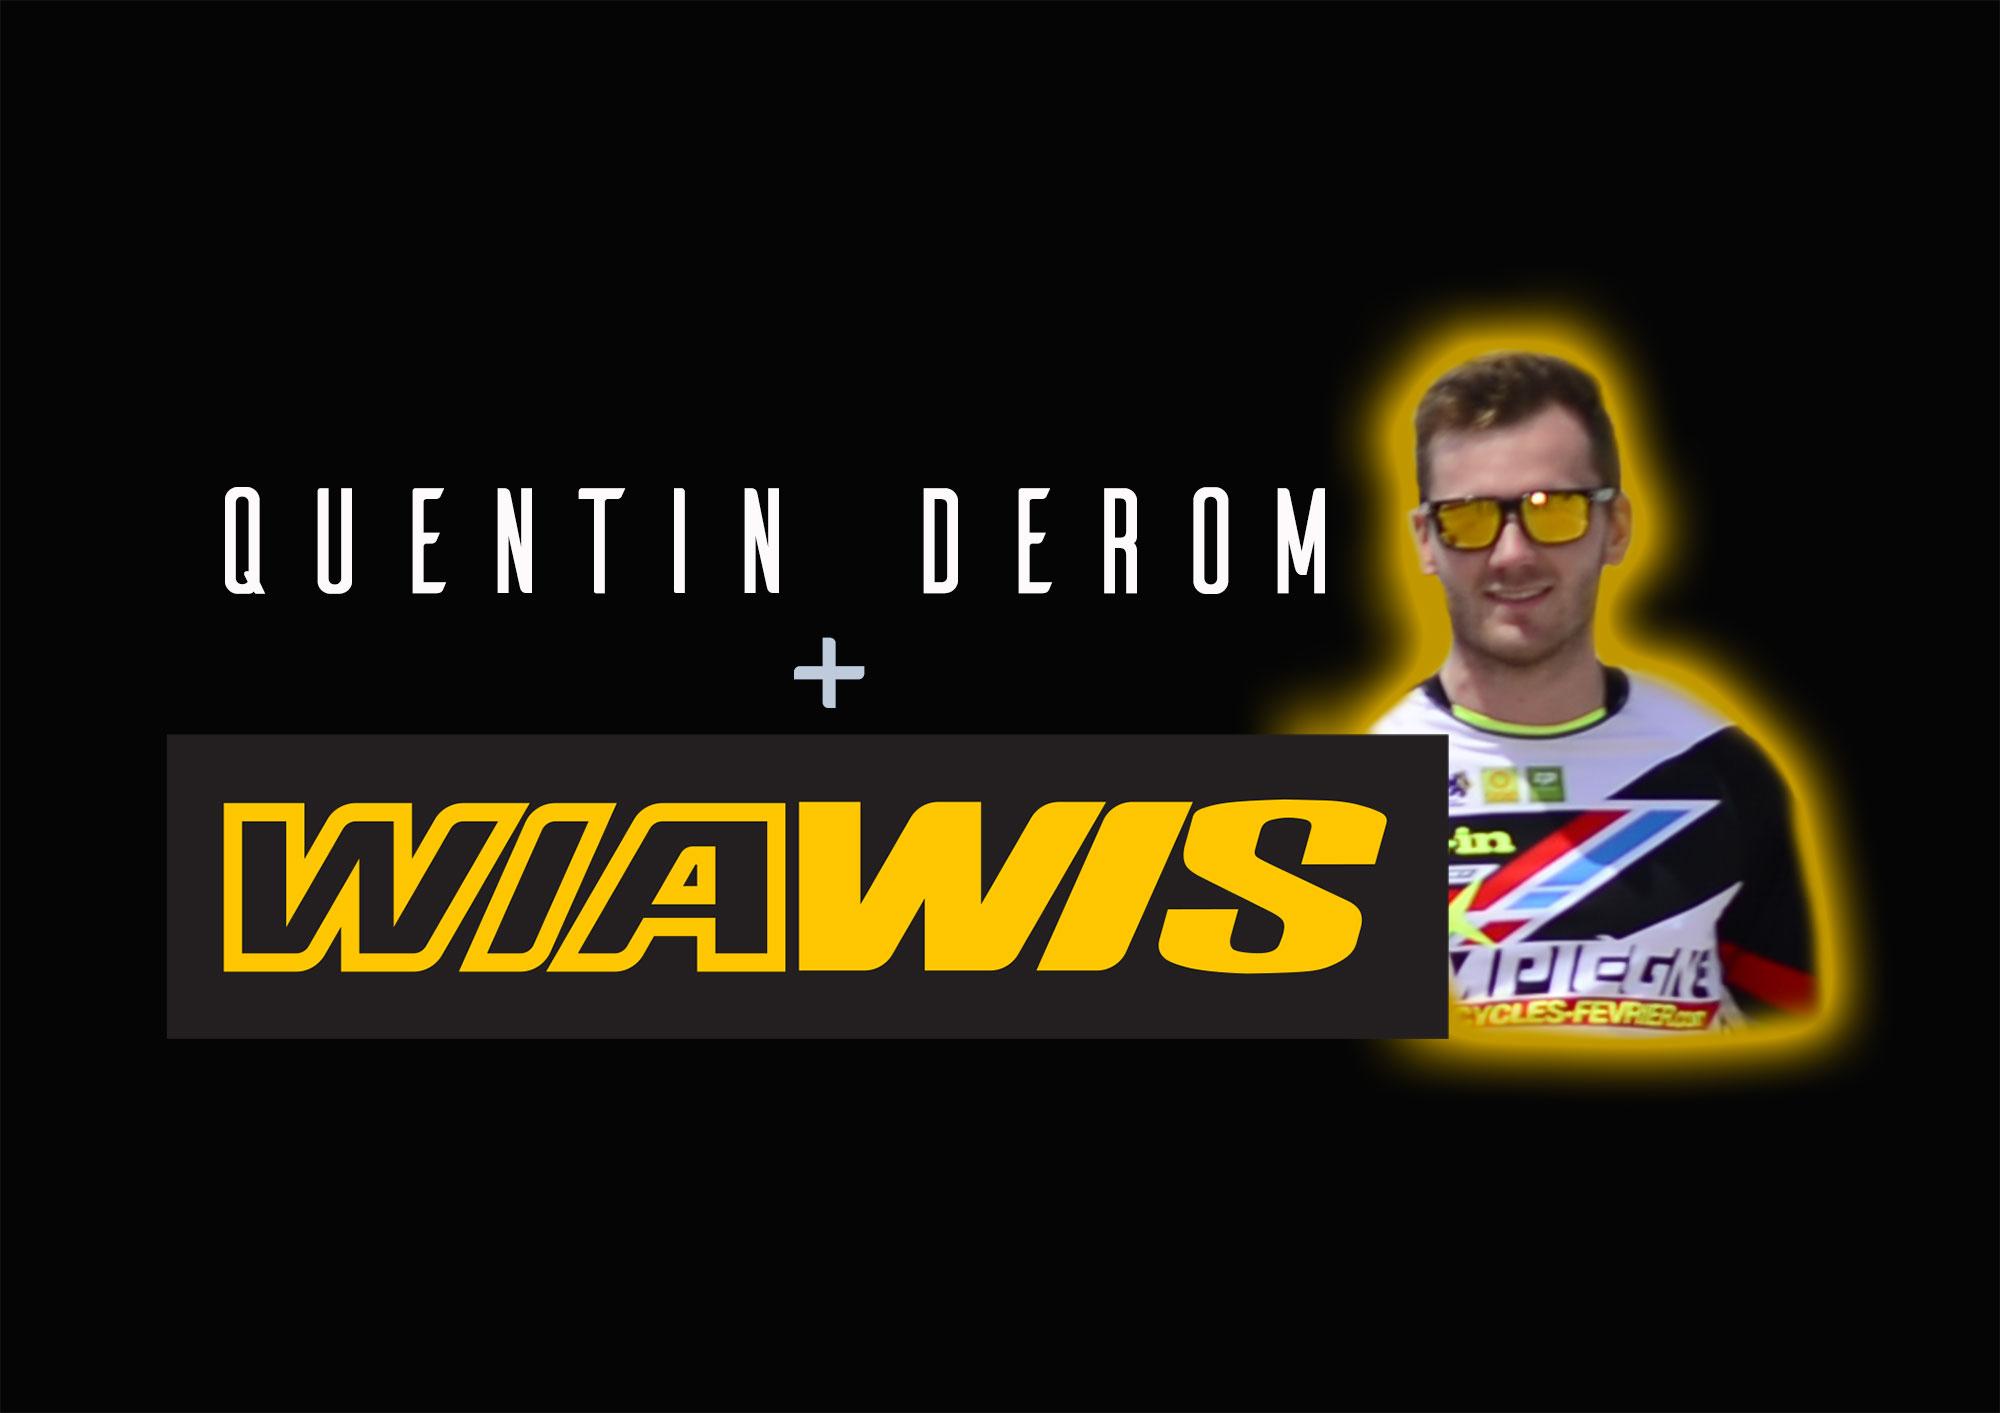 Quentin DEROM signe WIAWIS !